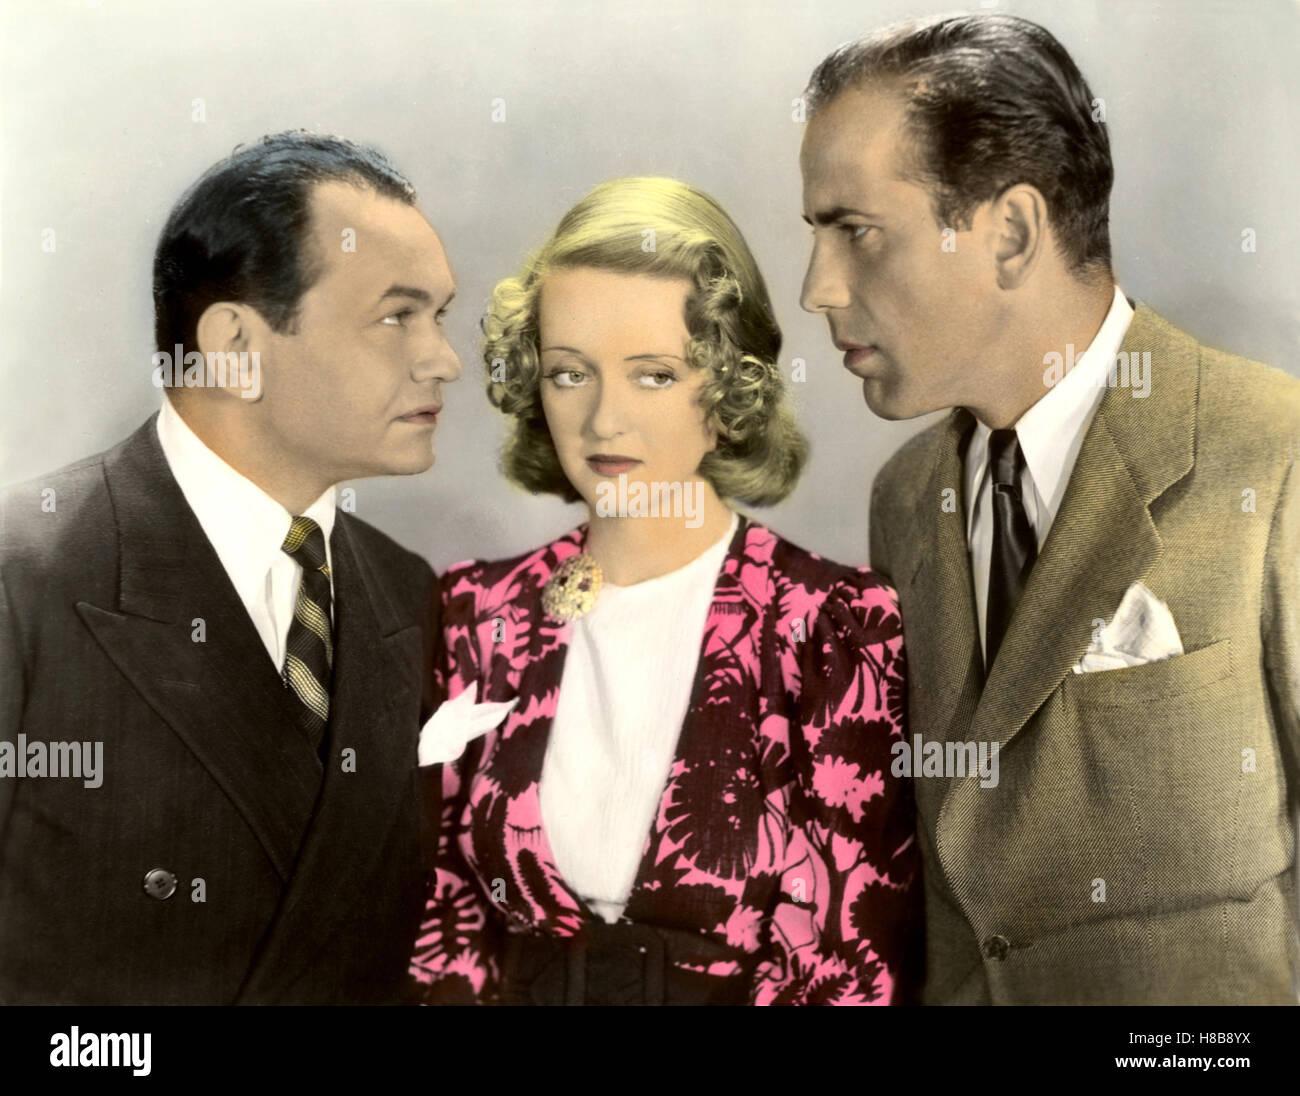 Mit harten Fäusten, (KID GALAHAD) USA 1937  s/w, Regie: Michael Curtiz, EDWARD G. ROBINSON, BETTE DAVIS, , - Stock Image